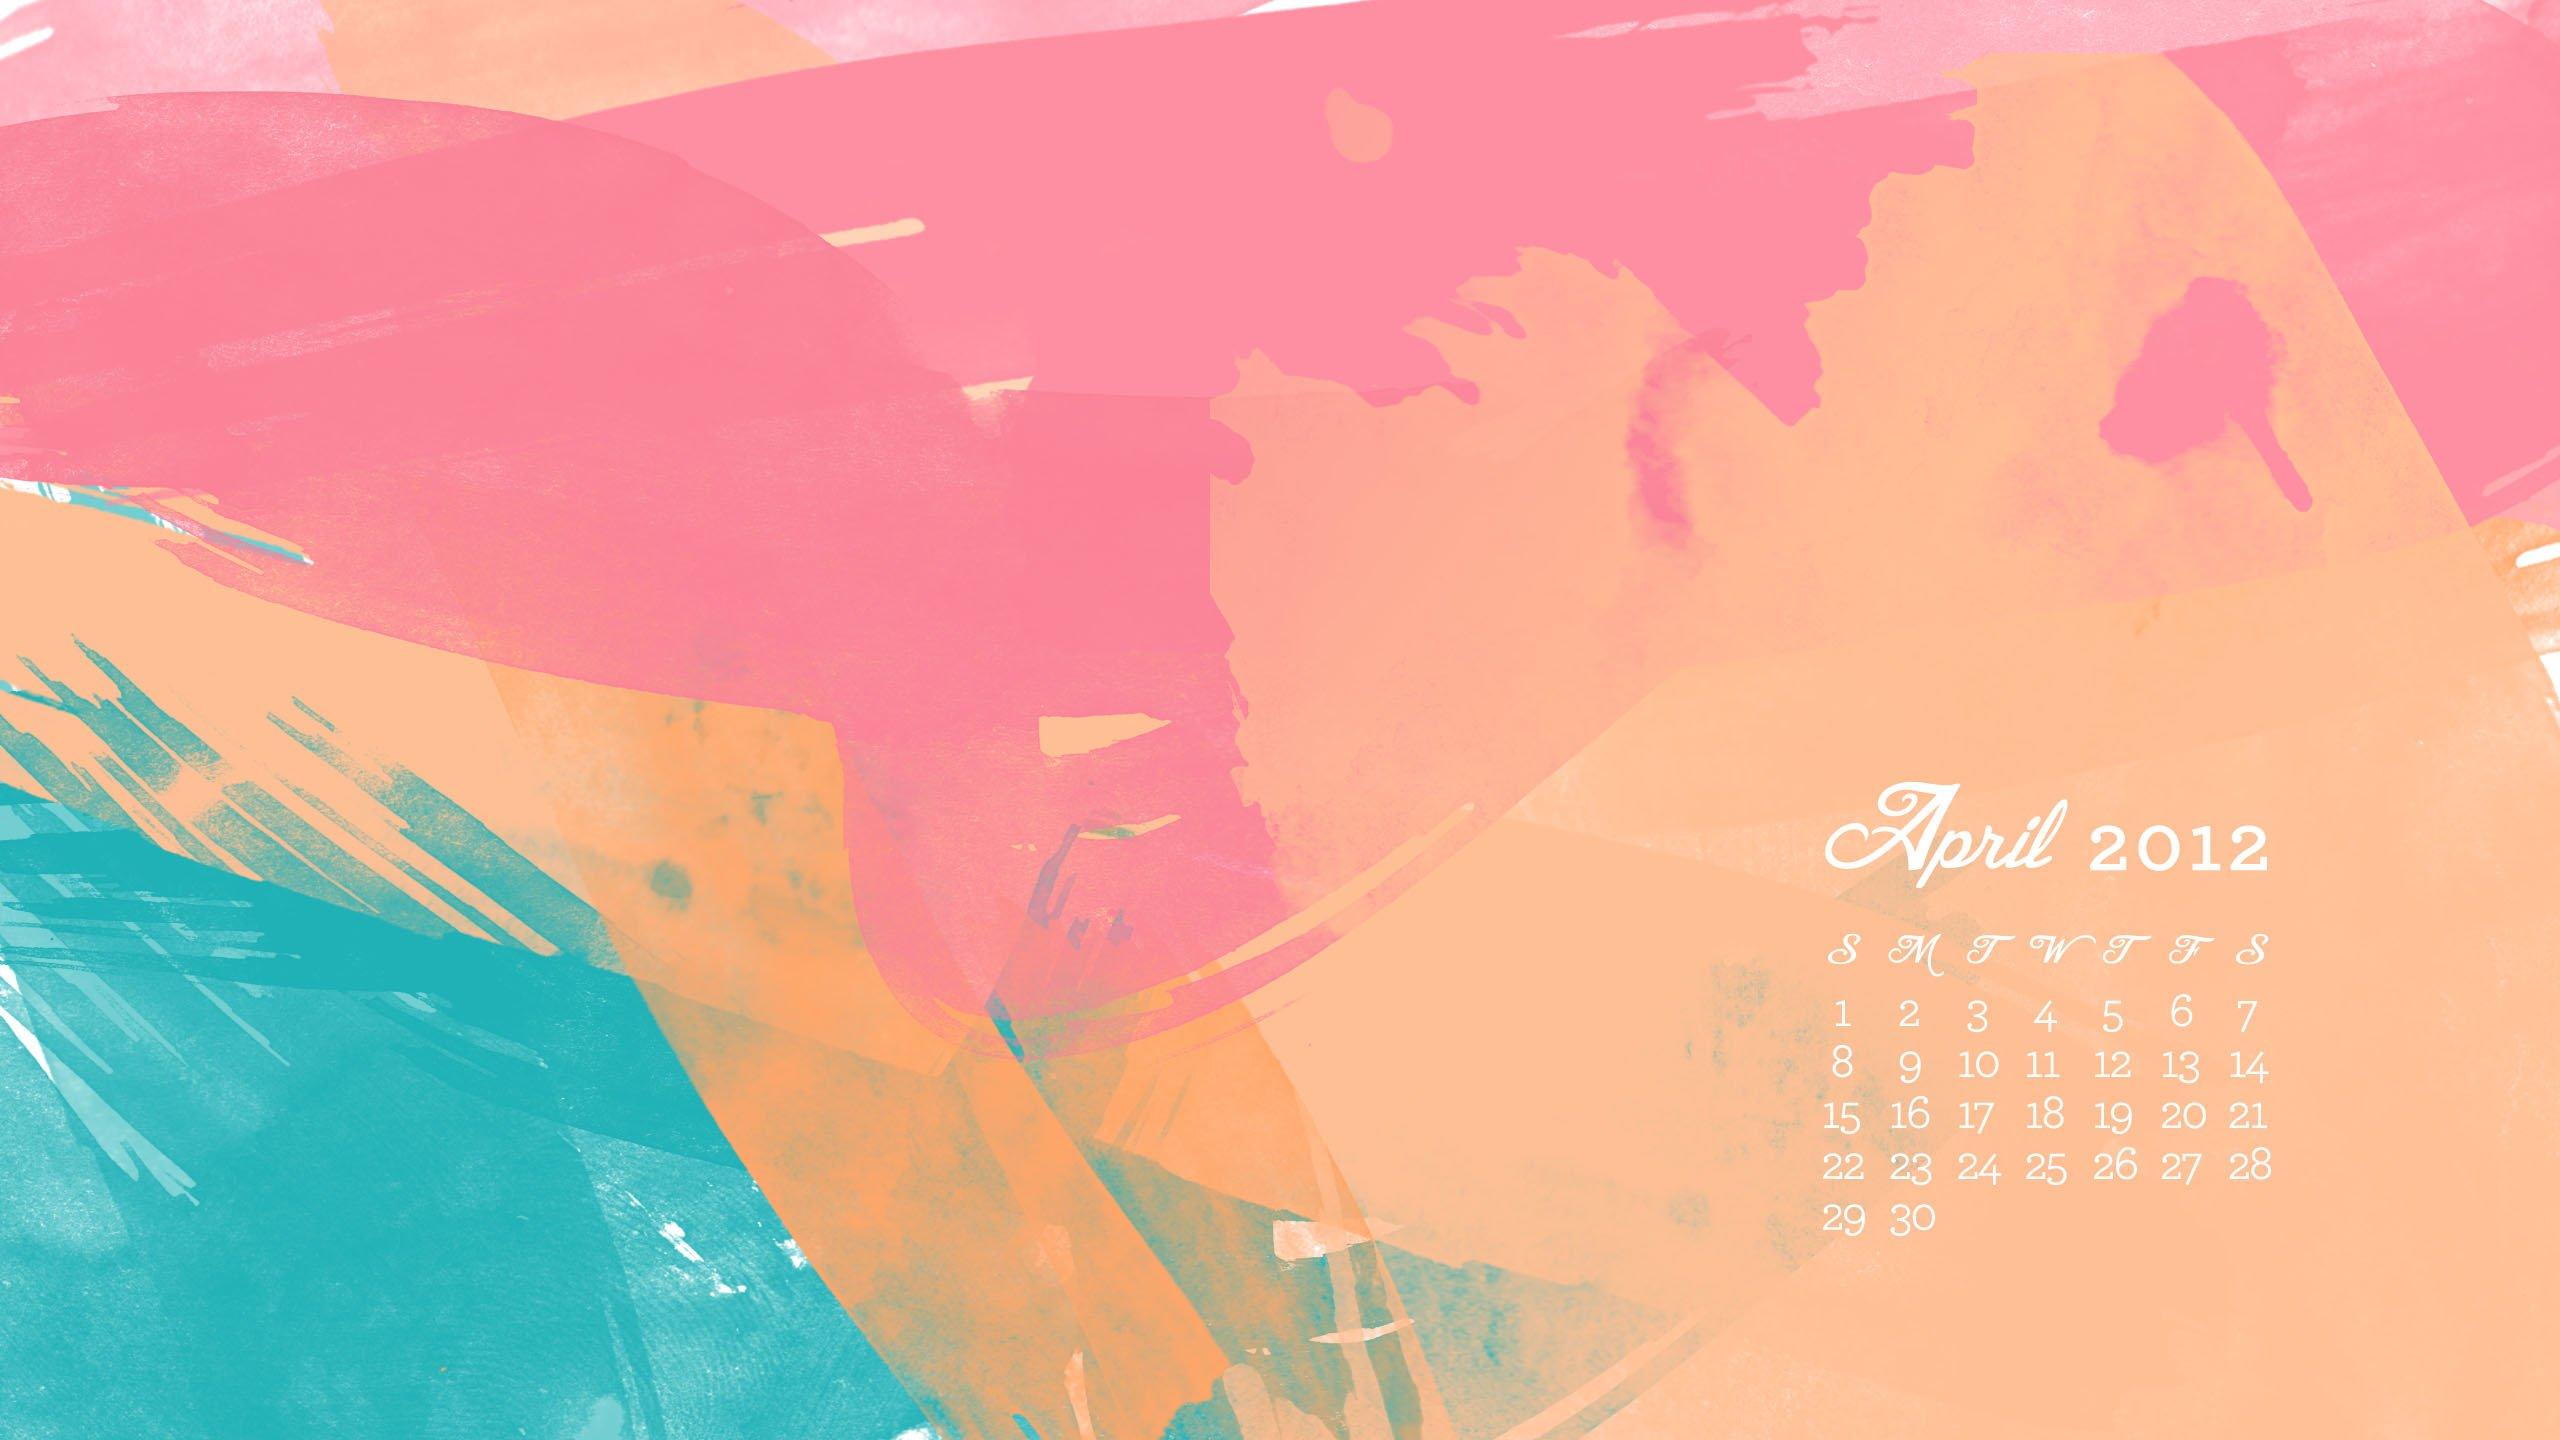 Sarah Hearts   April 2012 Desktop iPhone iPad Calendar Wallpaper 2560x1440